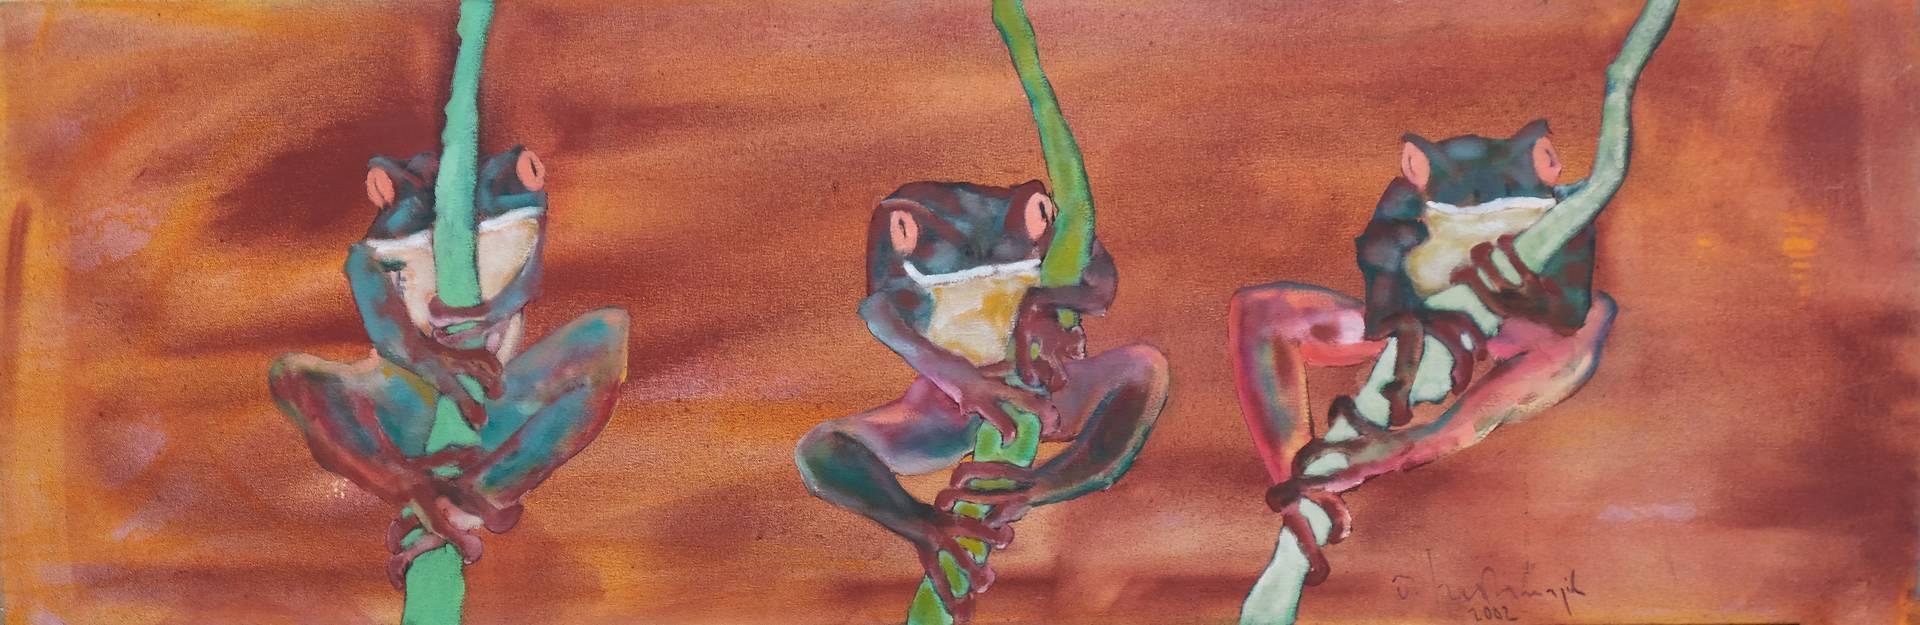 Özgür Korkmazgil, 50x150 cm, Tuval üzerine yağlı boya, 2002